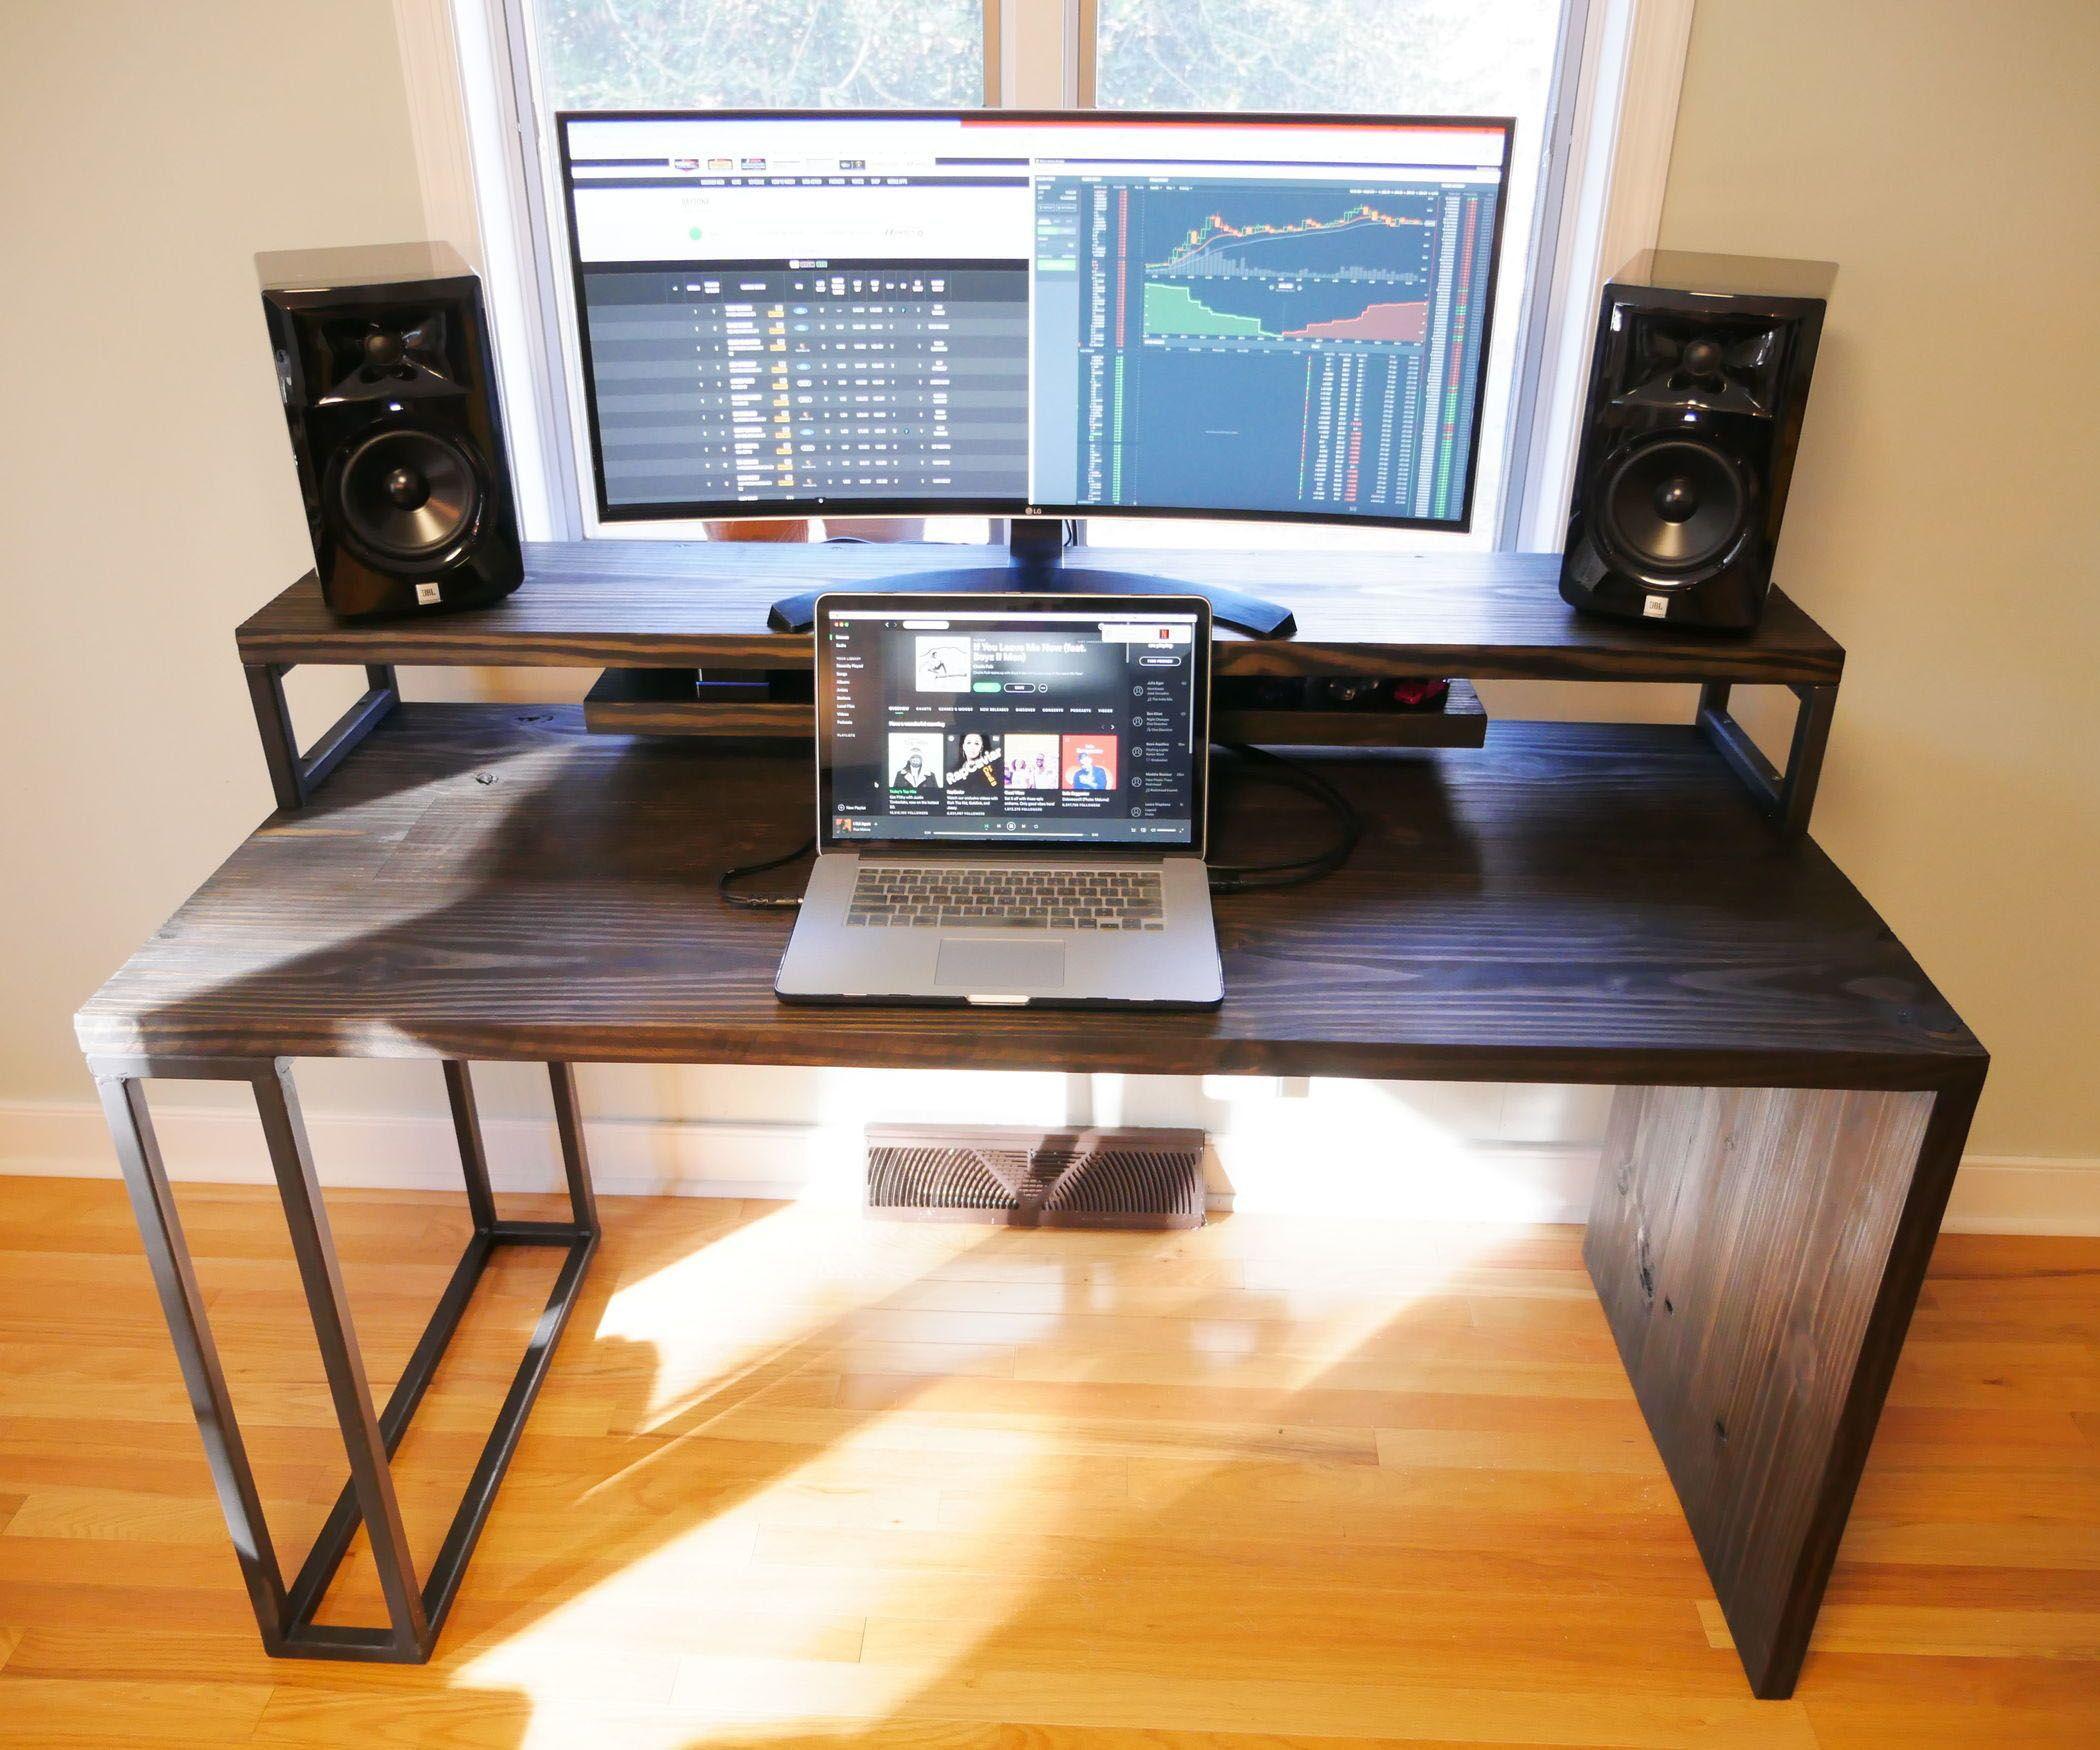 Real Home Inspiration Computer Desk Reddit Only On This Page Computer Desk Desk Minimalist Computer Desk